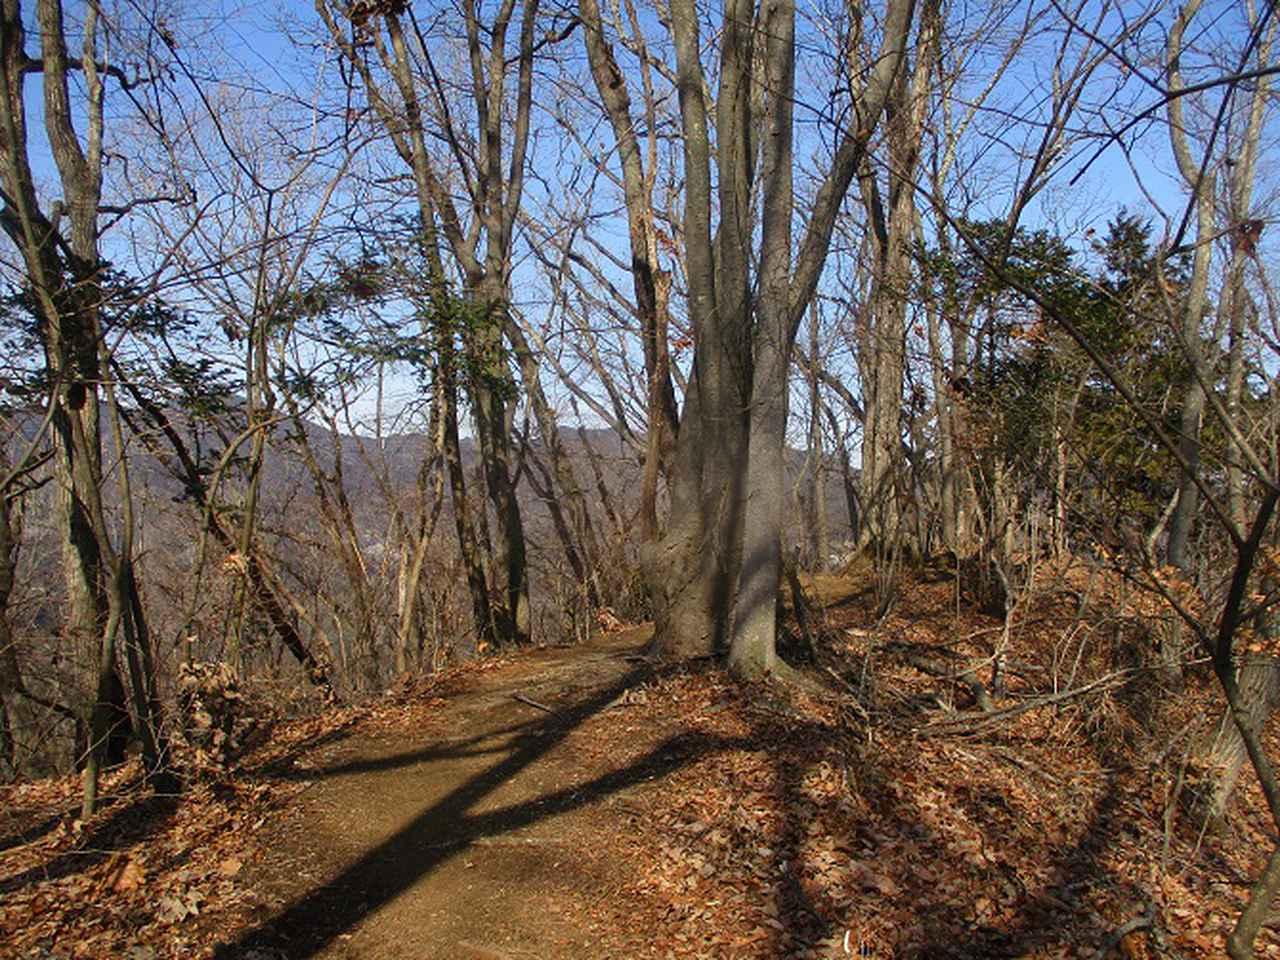 画像8: 3月の山旅会 秩父・破風山 の下見に行ってきました!